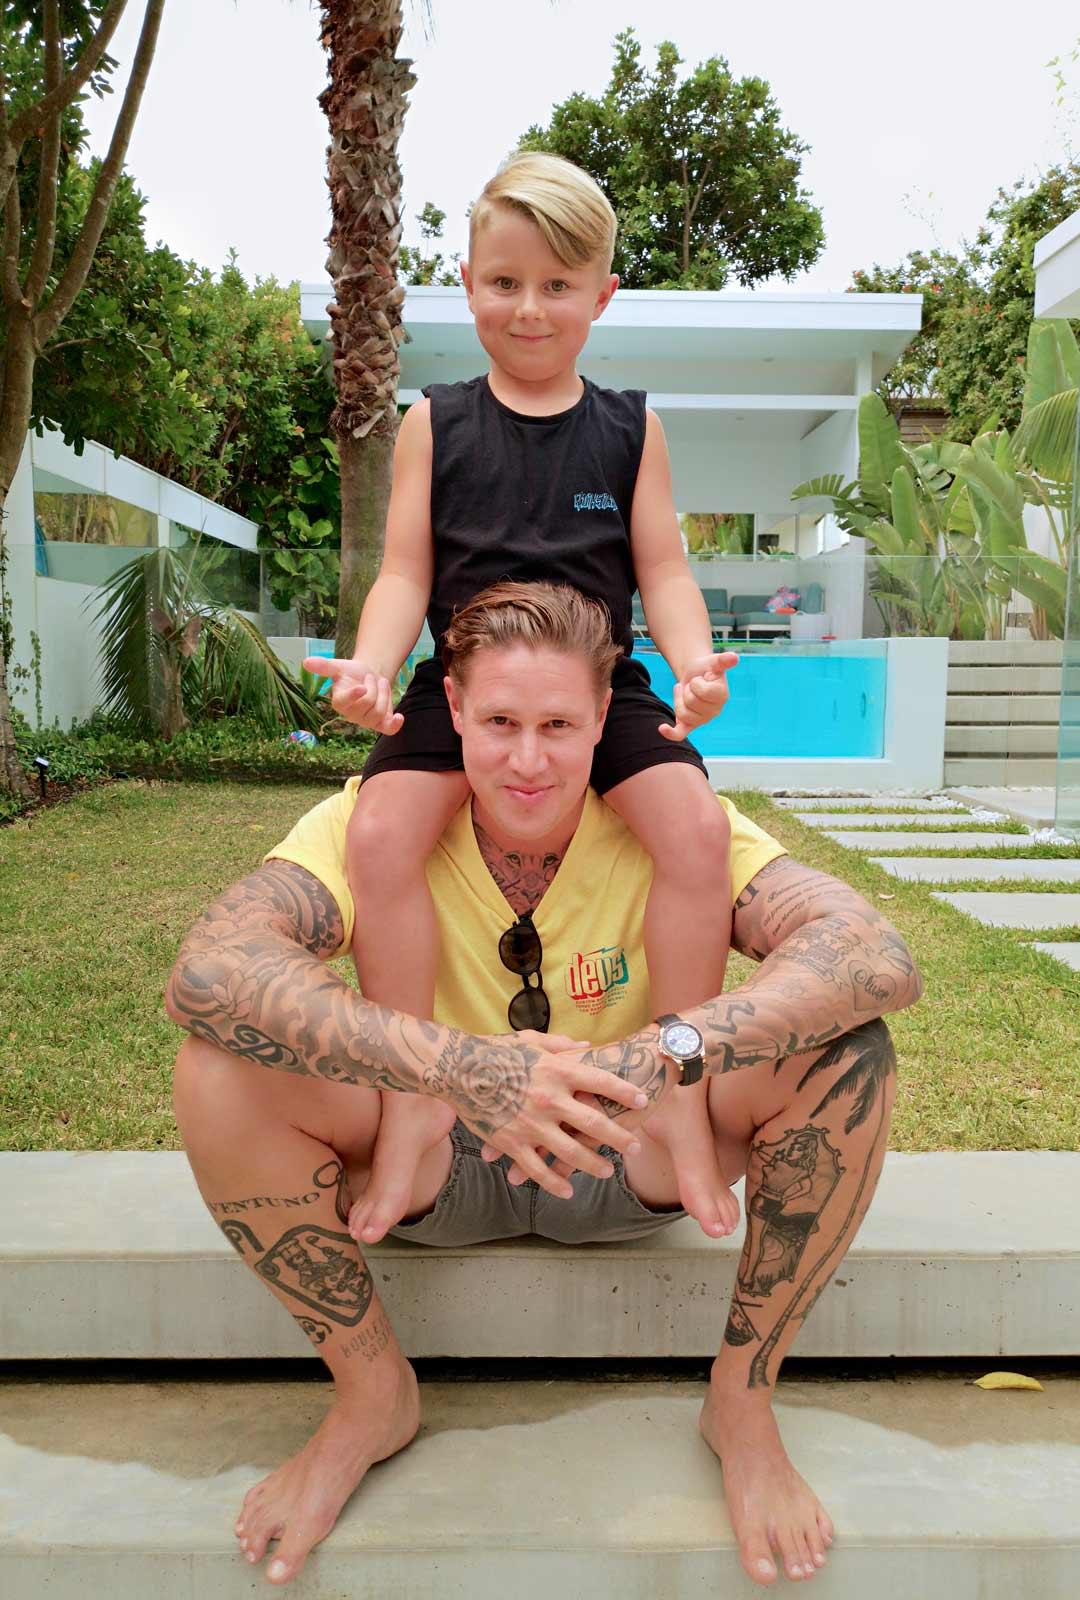 Tomi Björck ja 7-vuotias Joakim kotipihalla. Joakim rakastaa isän tekemiä hampurilaisia ja viihtyy perheen takapihalla olevassa uima-altaassa.